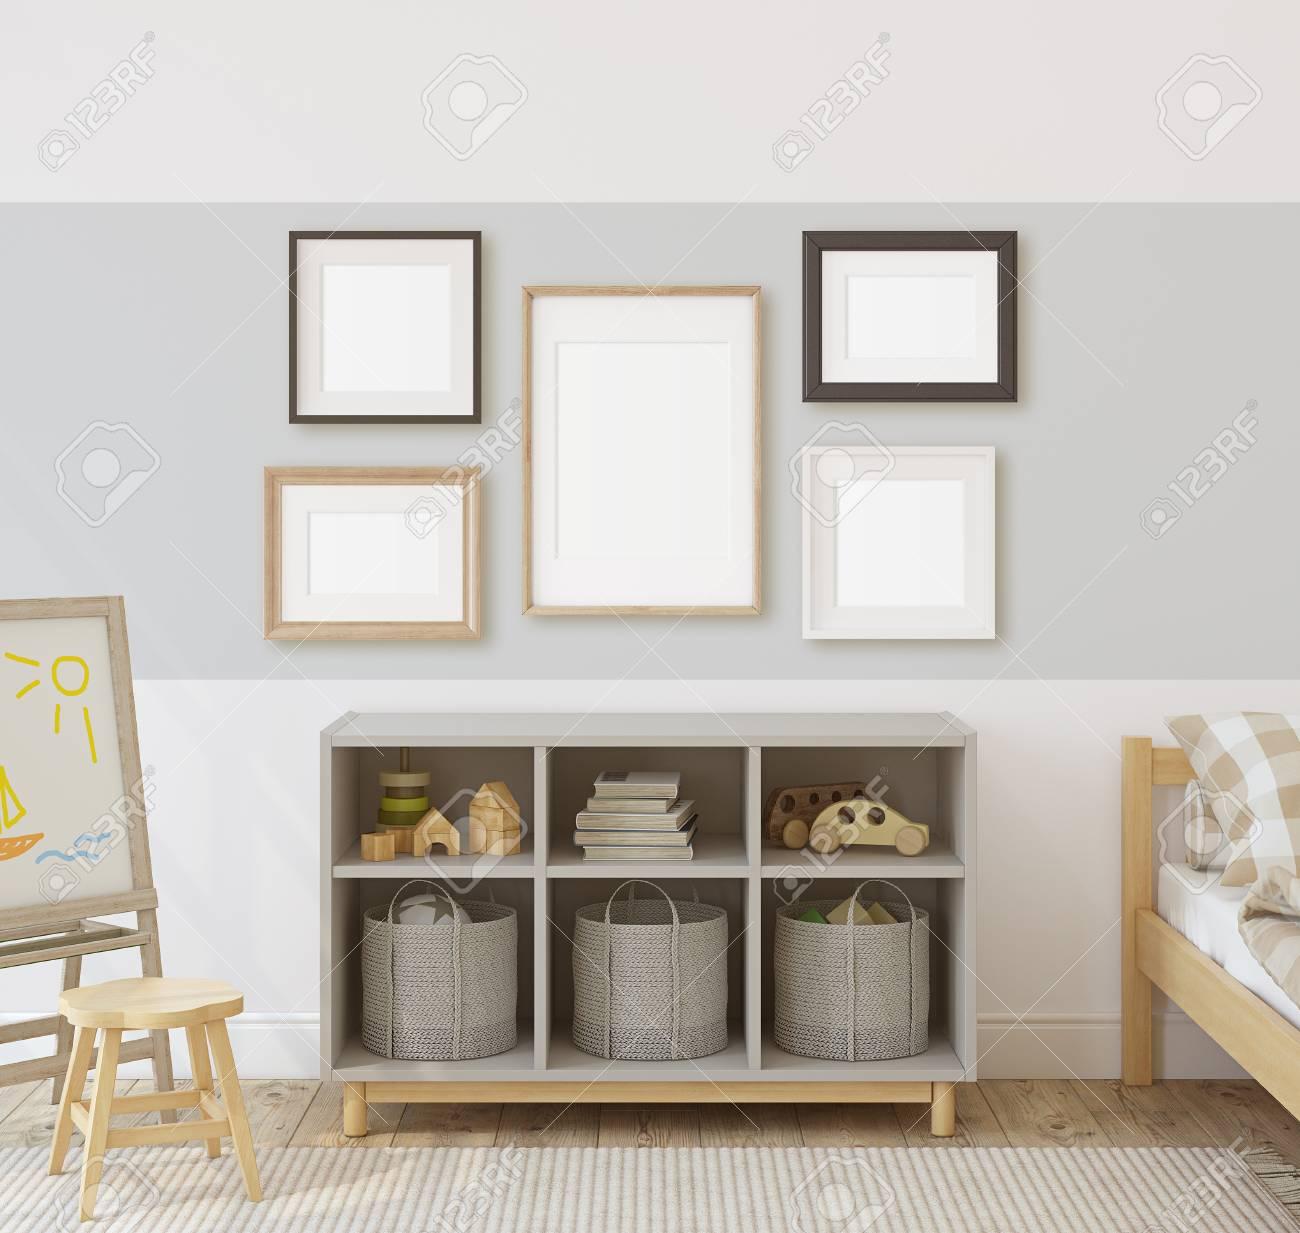 Toddler room. Interior and frame mock-up. 3d render. - 120568890